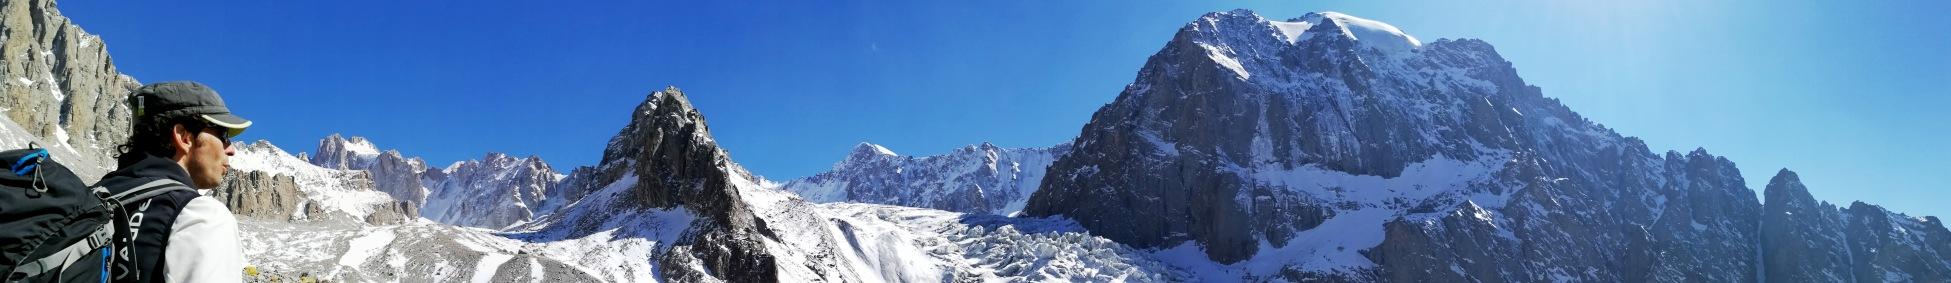 Guias de montaña, escalada y alta montaña